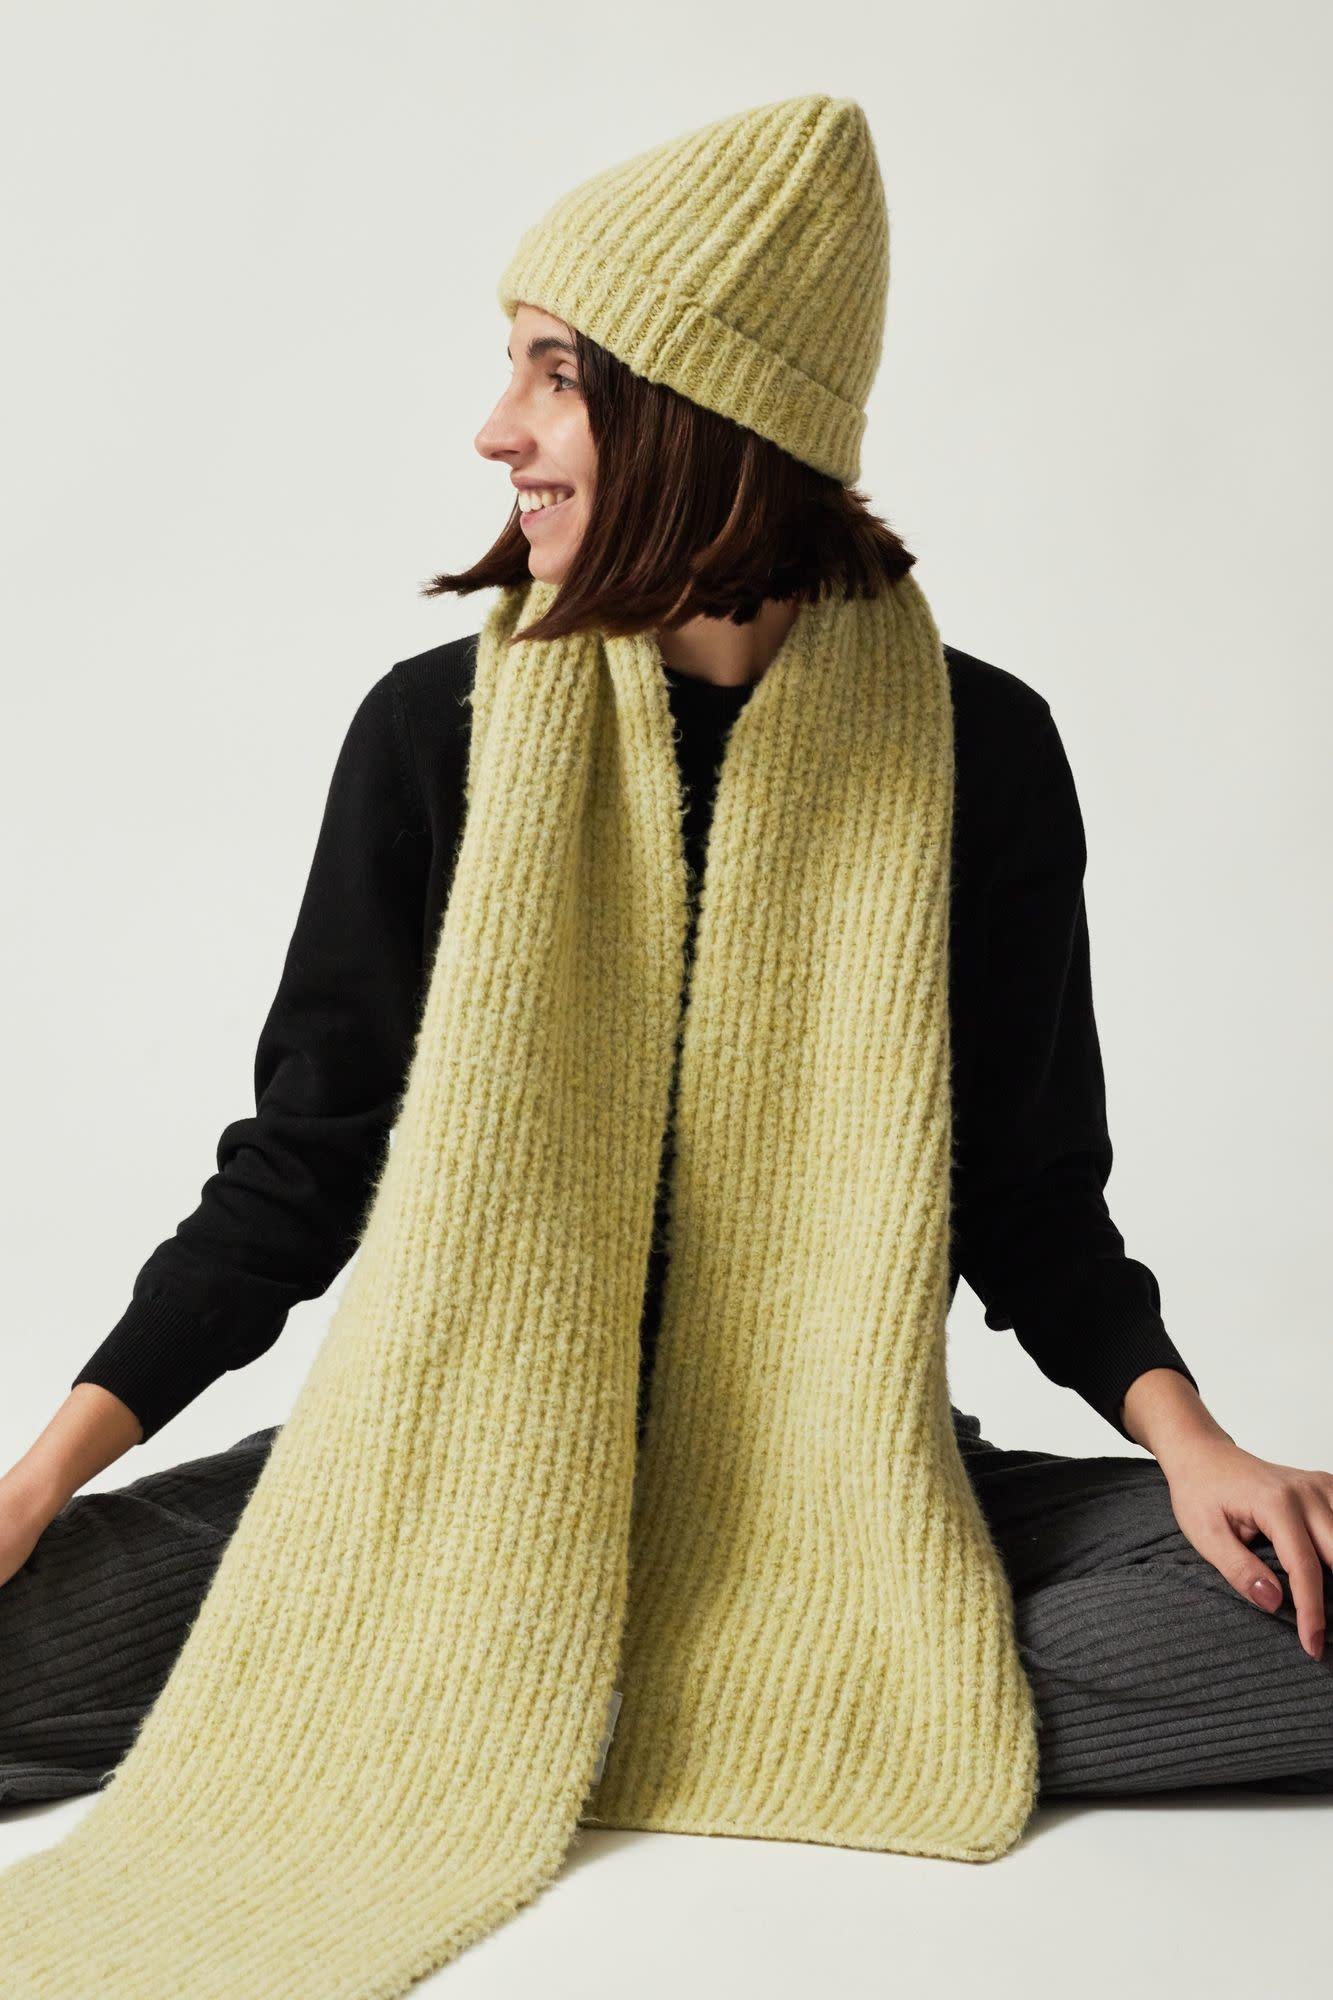 Chardonnay scarf AMT studio,-5